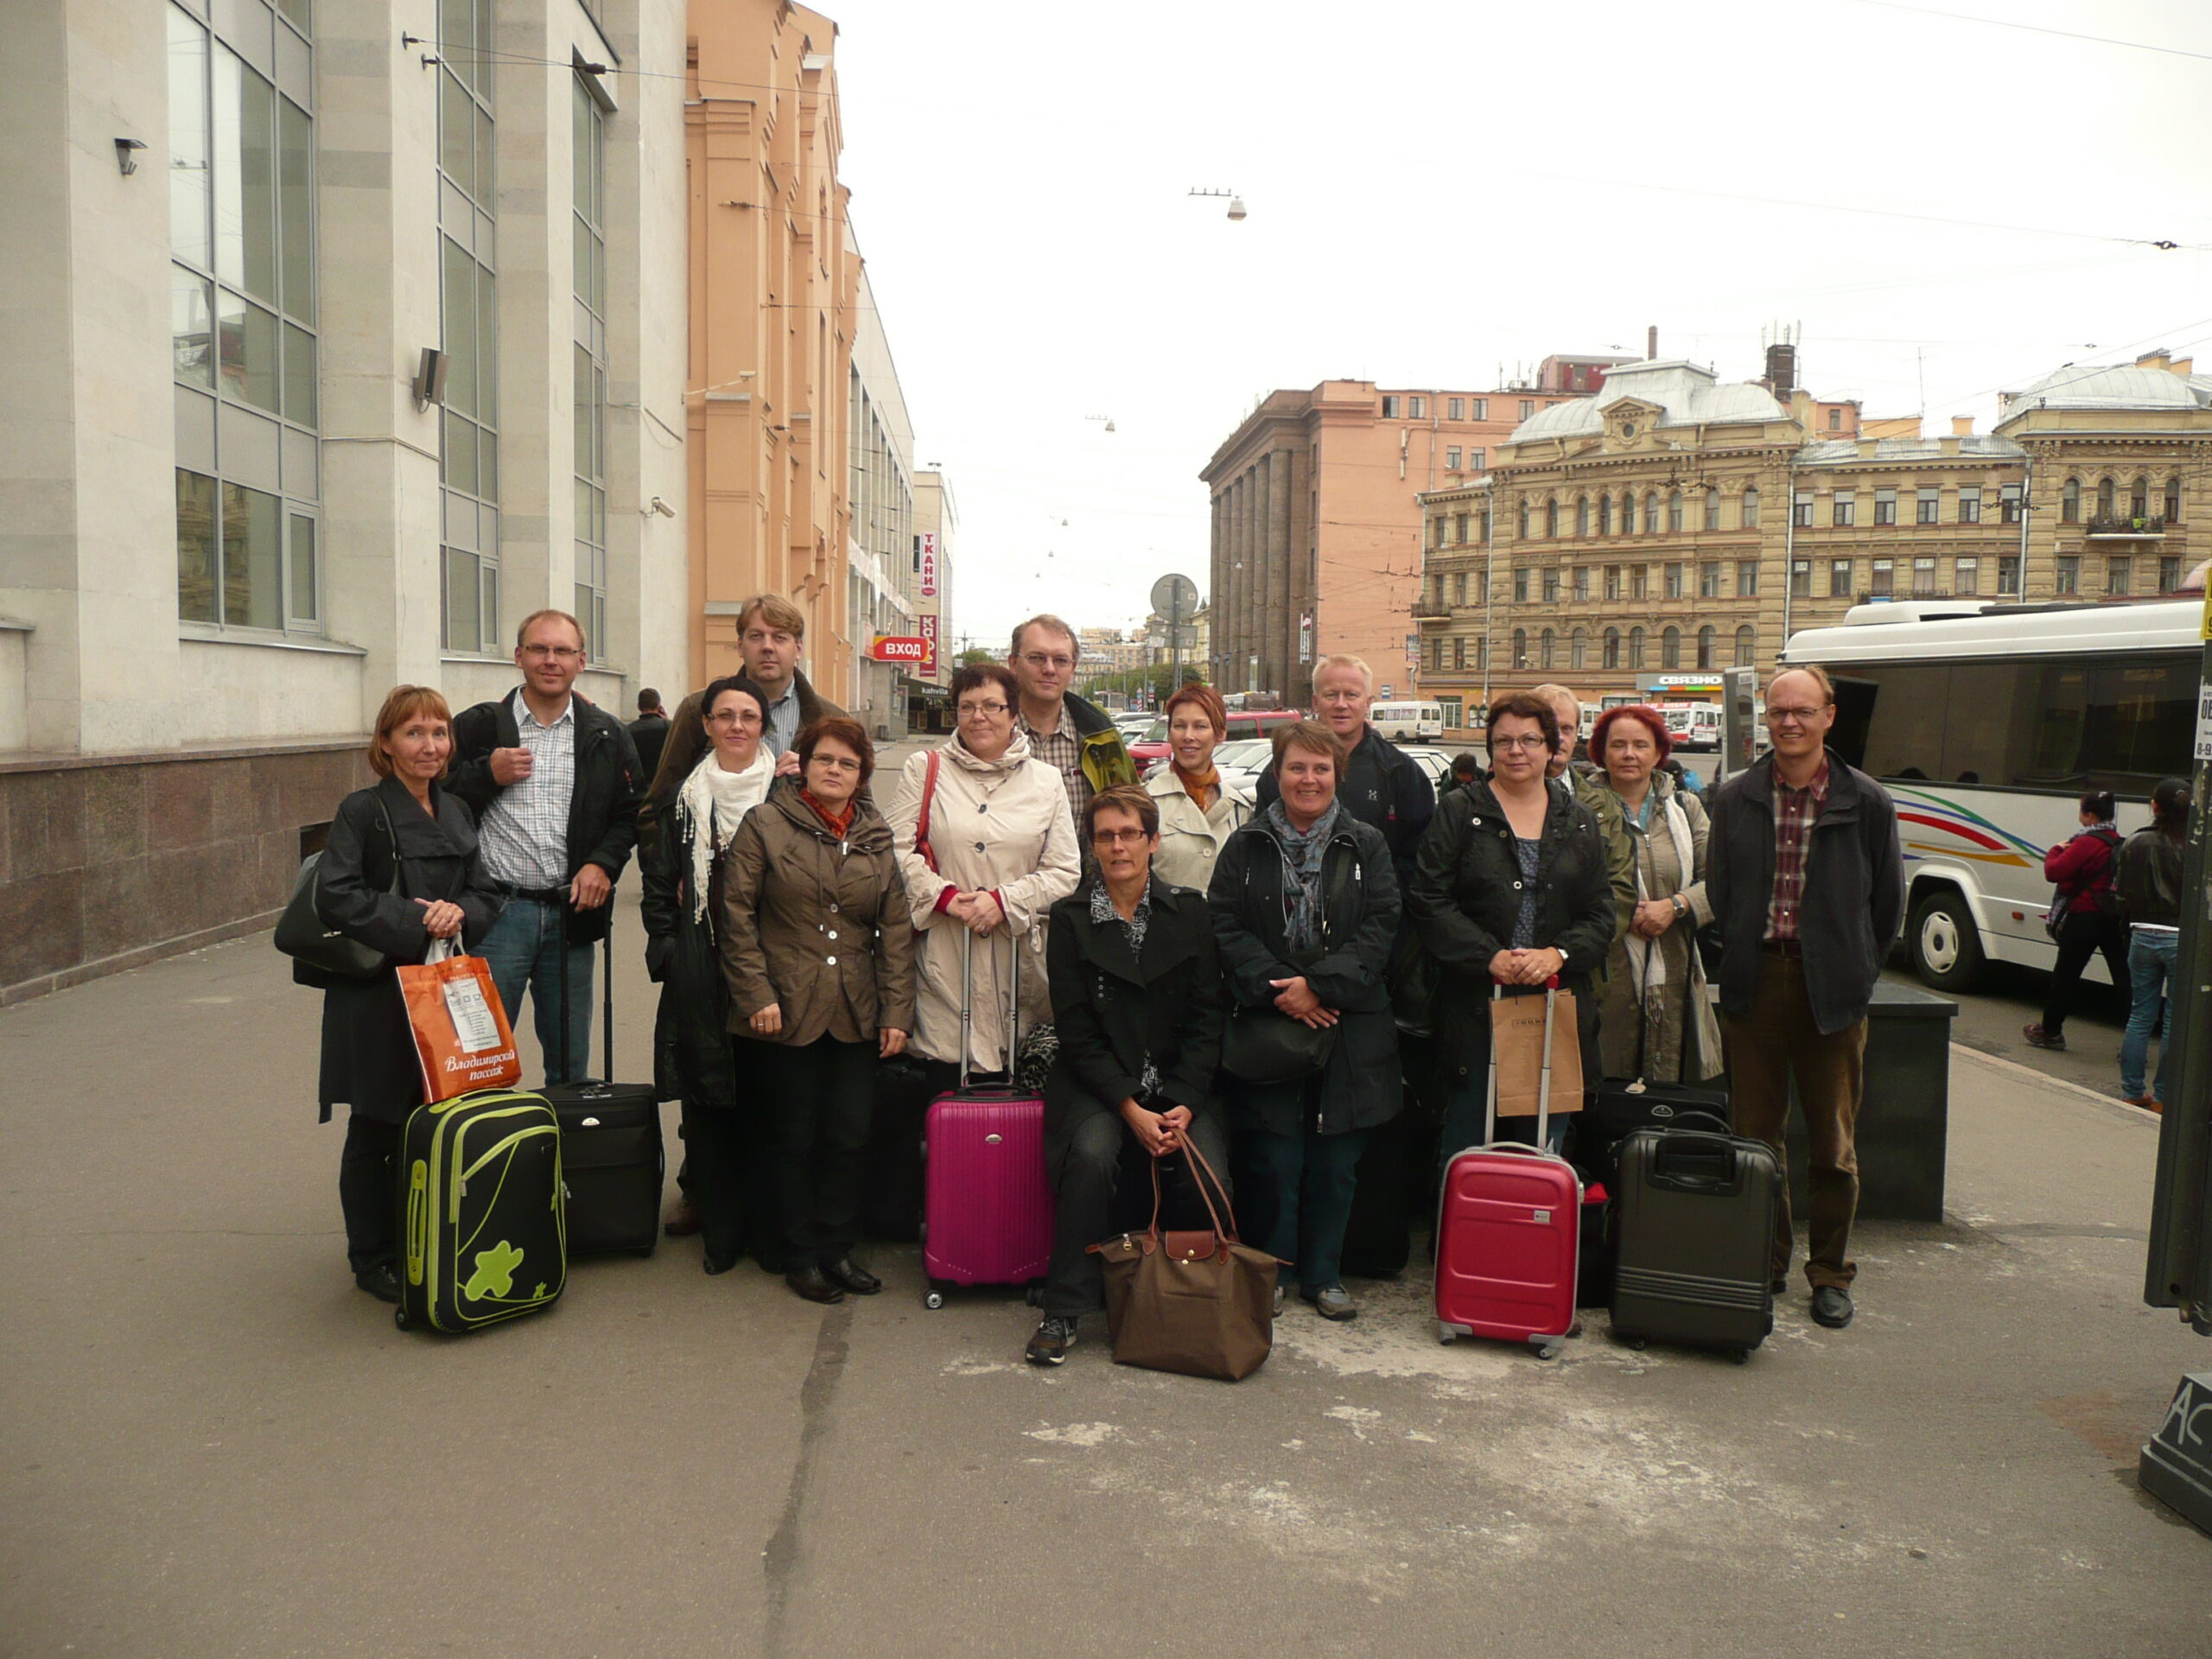 ESATKY - kunnon viikonloppu 2011 Pietarissa